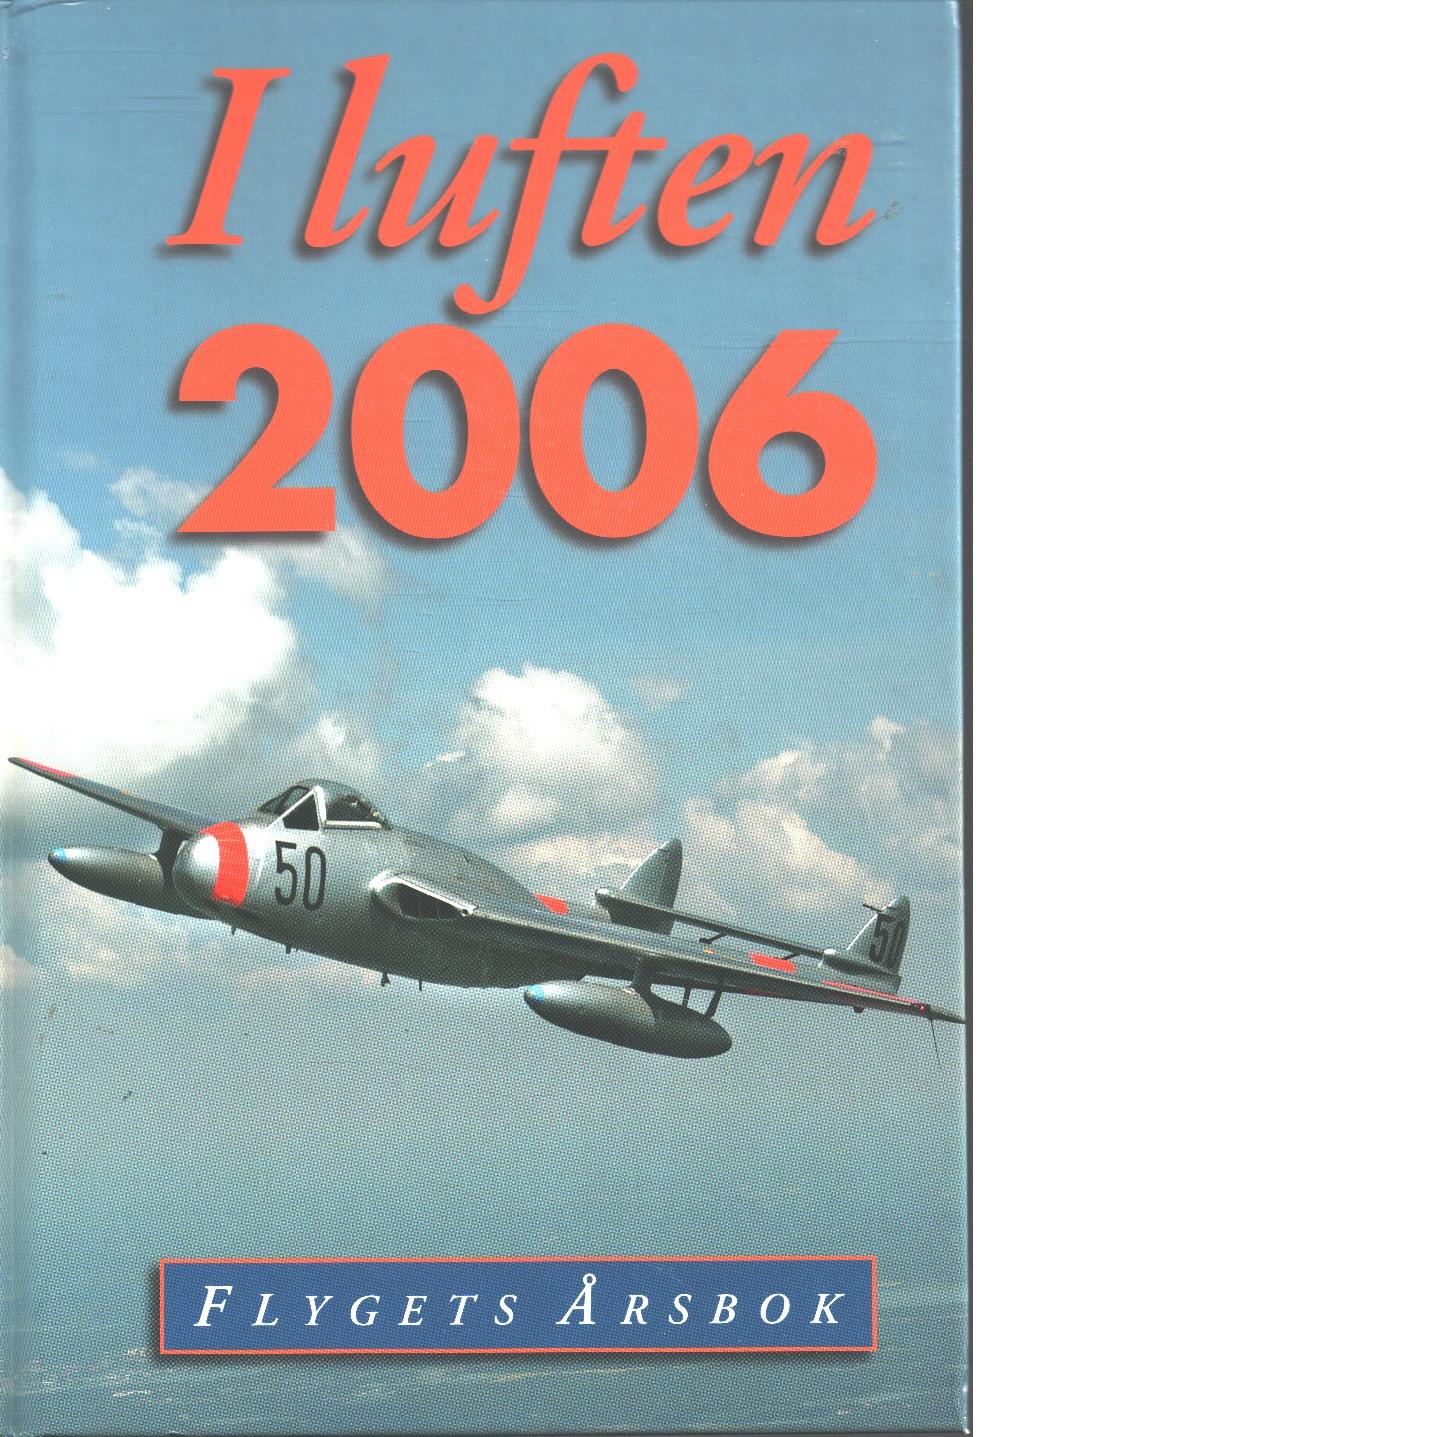 I LUFTEN FLYGETS ÅRSBOK 2006 - Red.